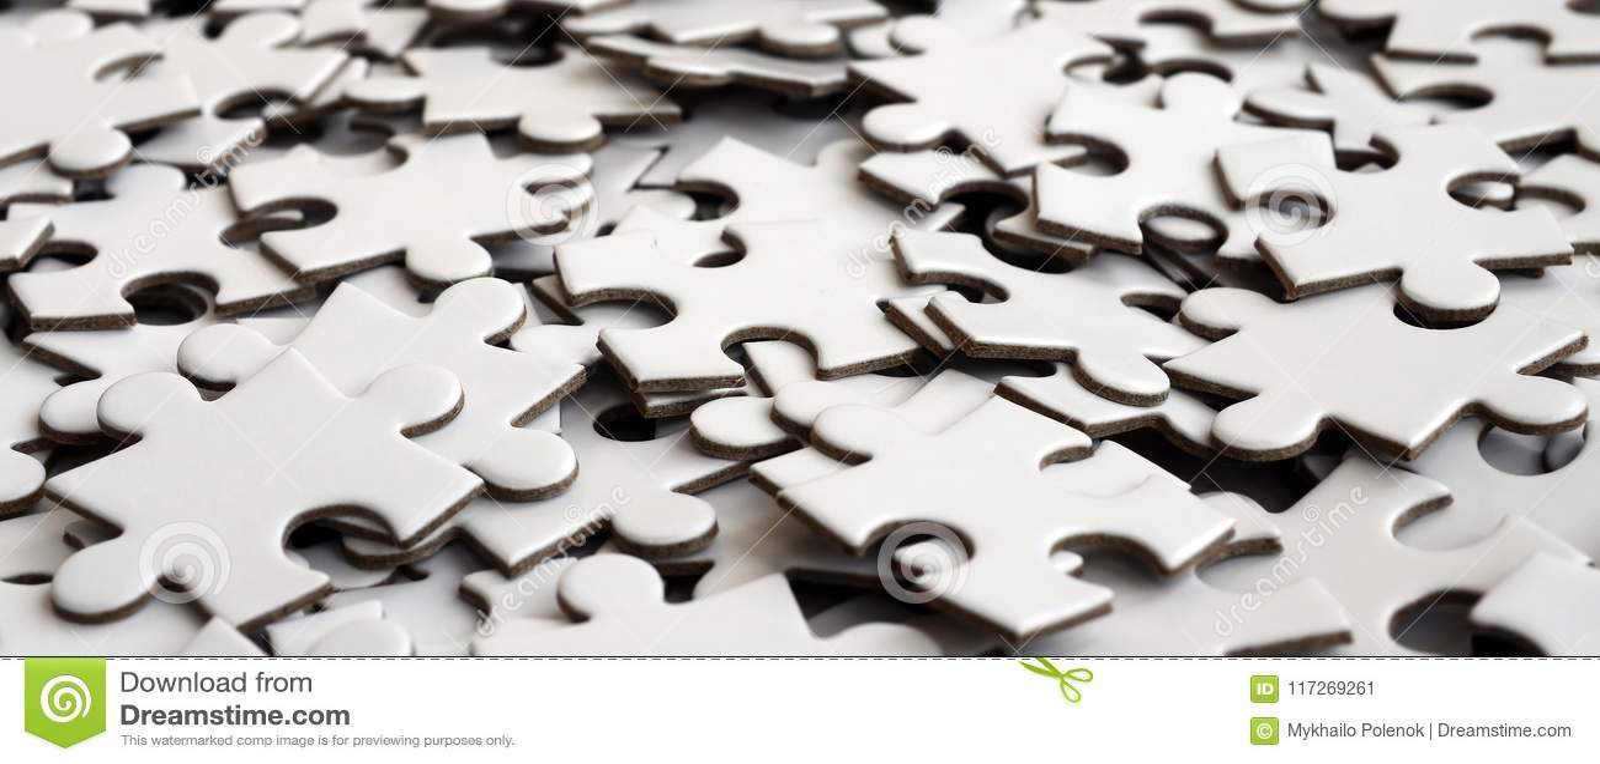 Zakończenie stos uncompleted elementy biała łamigłówka Ogromna liczba prostokątni kawałki od jeden wielkiej białej mozaiki